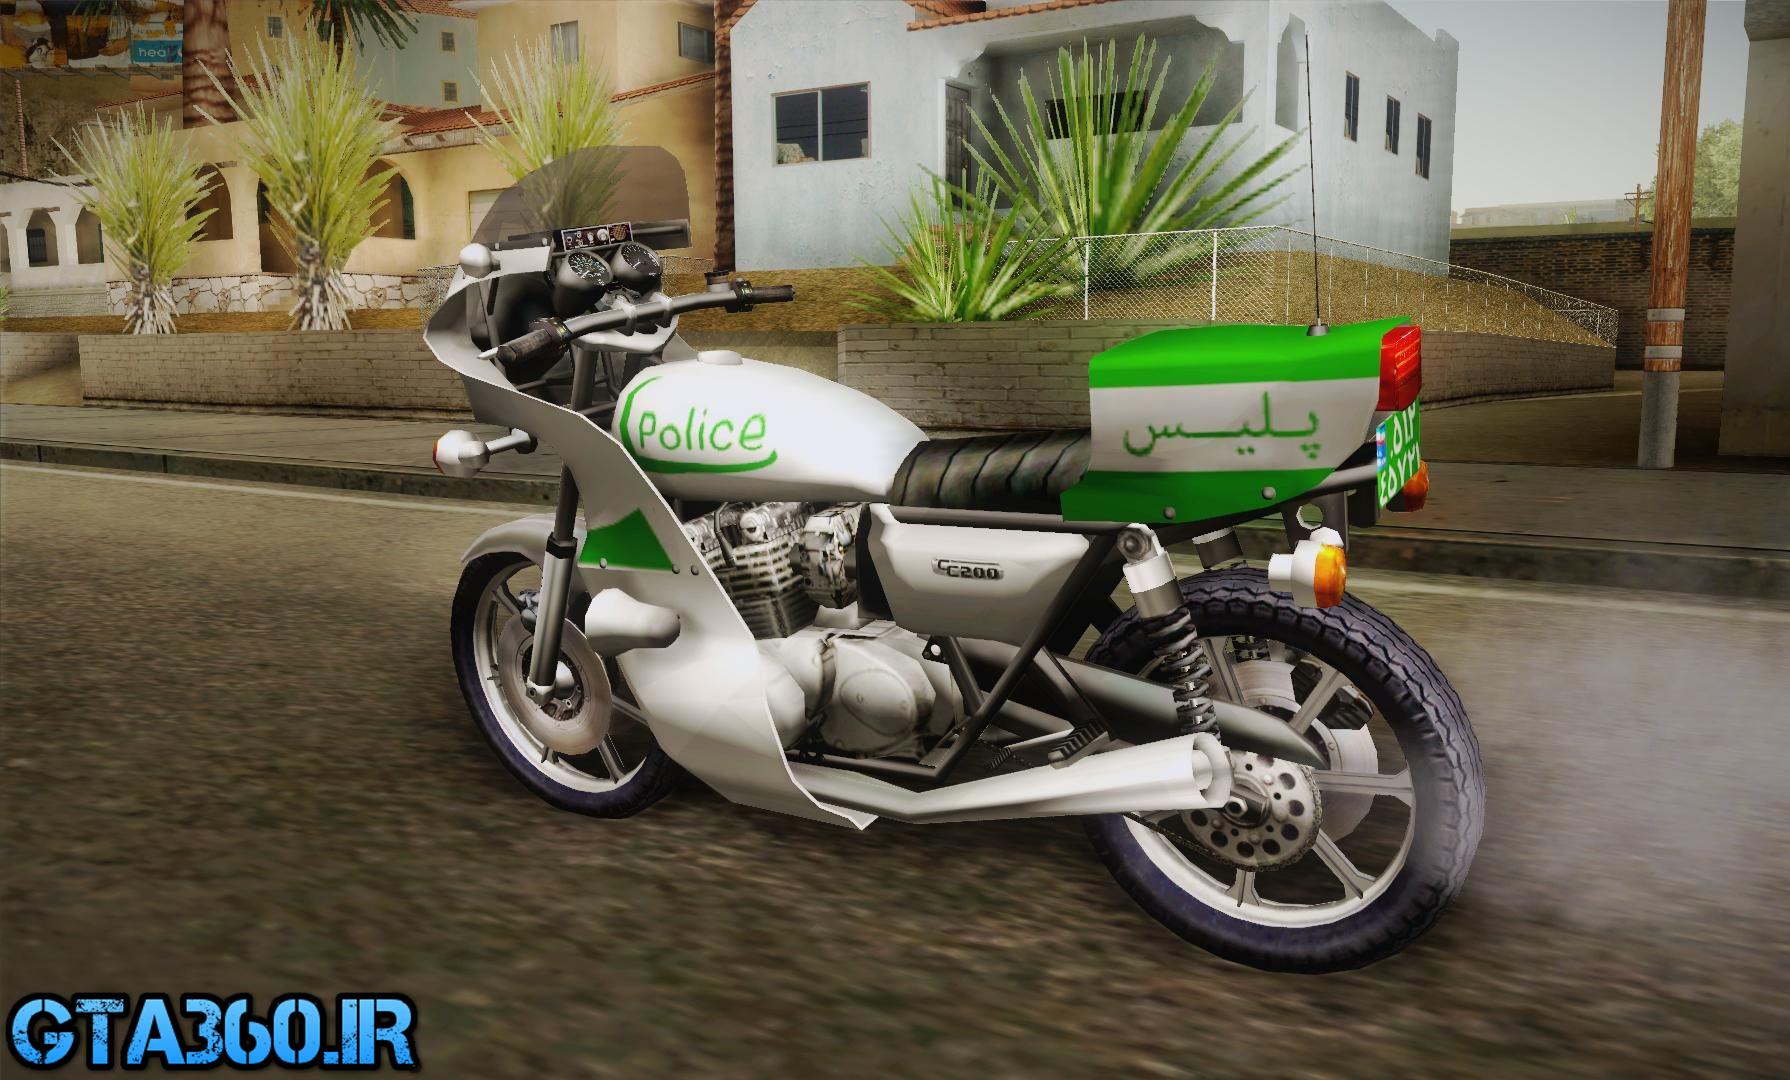 موتور پلیس ایرانی v2 برای gta sa